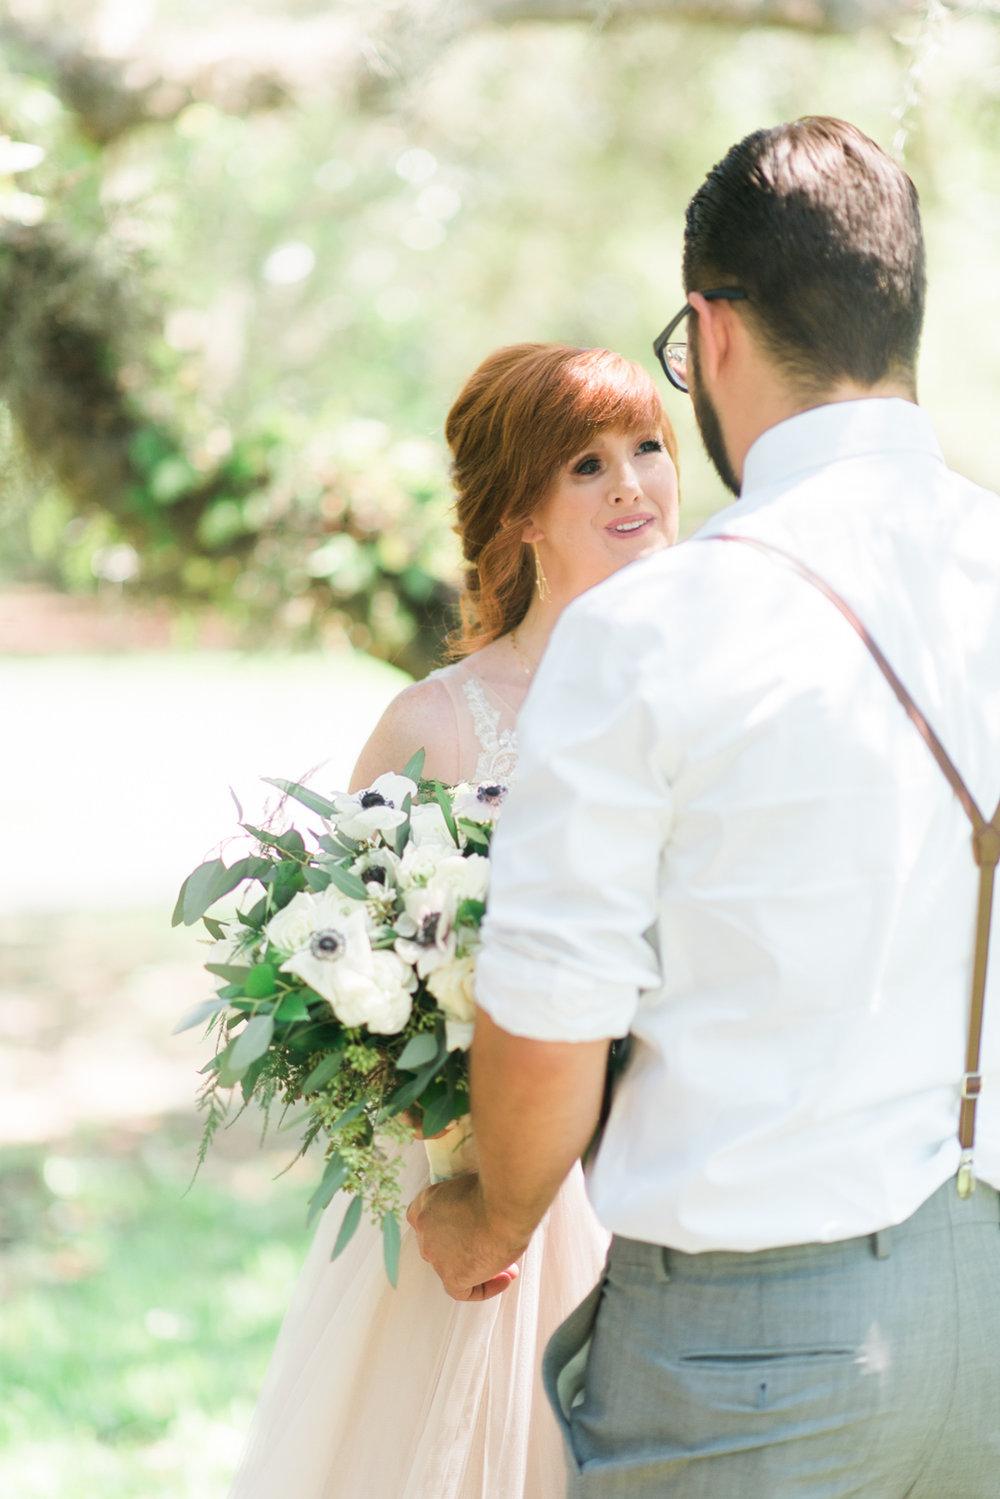 leugardens_eastend_wedding-11.jpg